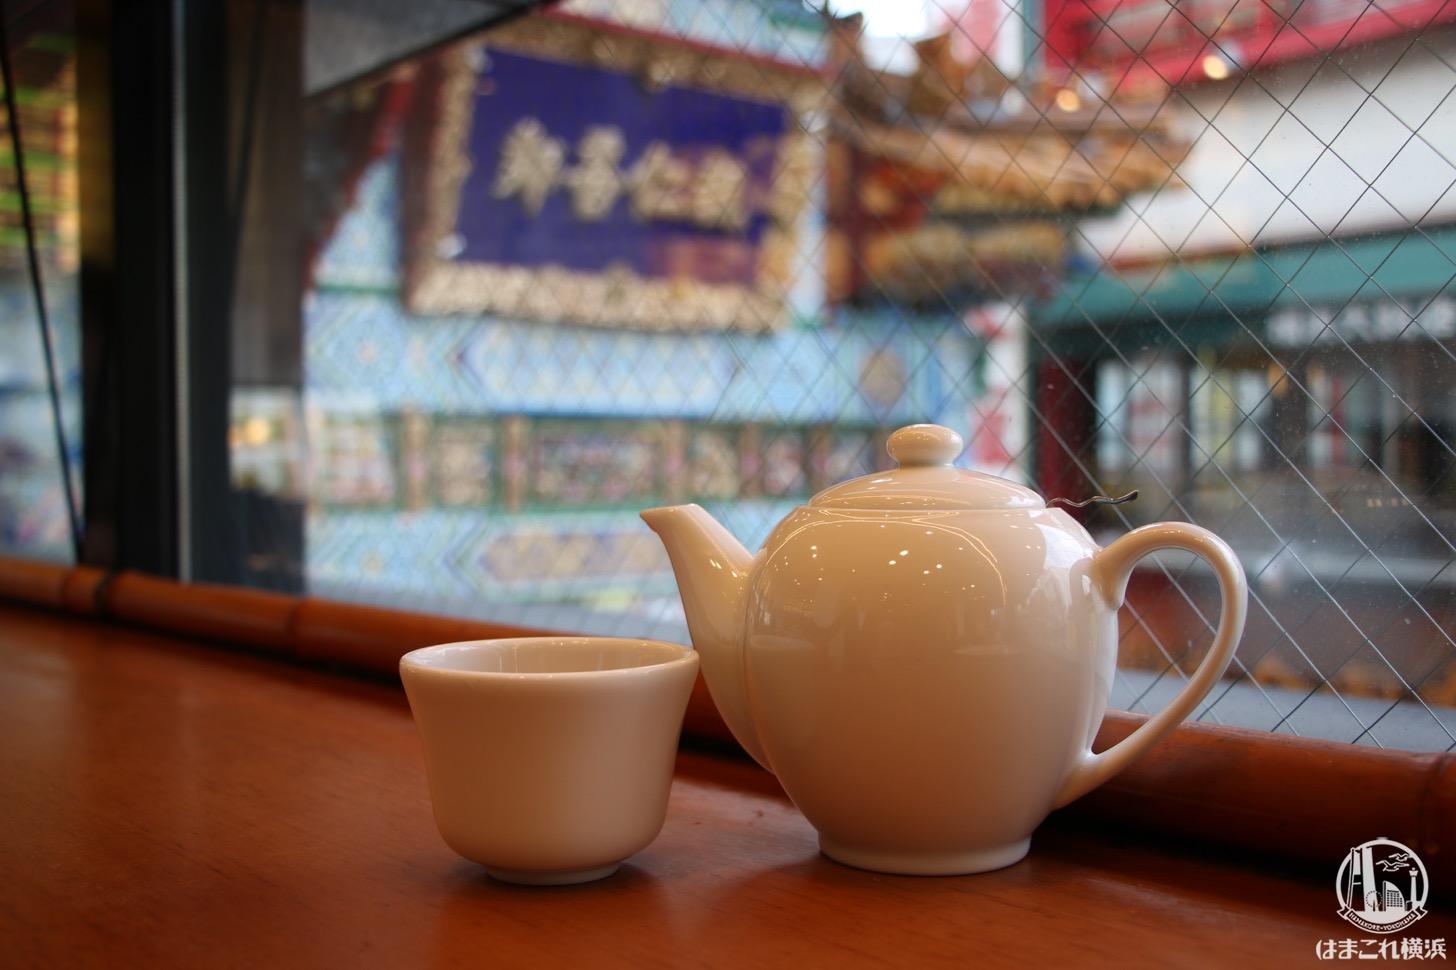 横浜中華街 聘珍楼のカフェは善隣門を見下ろせる最高のロケーション!